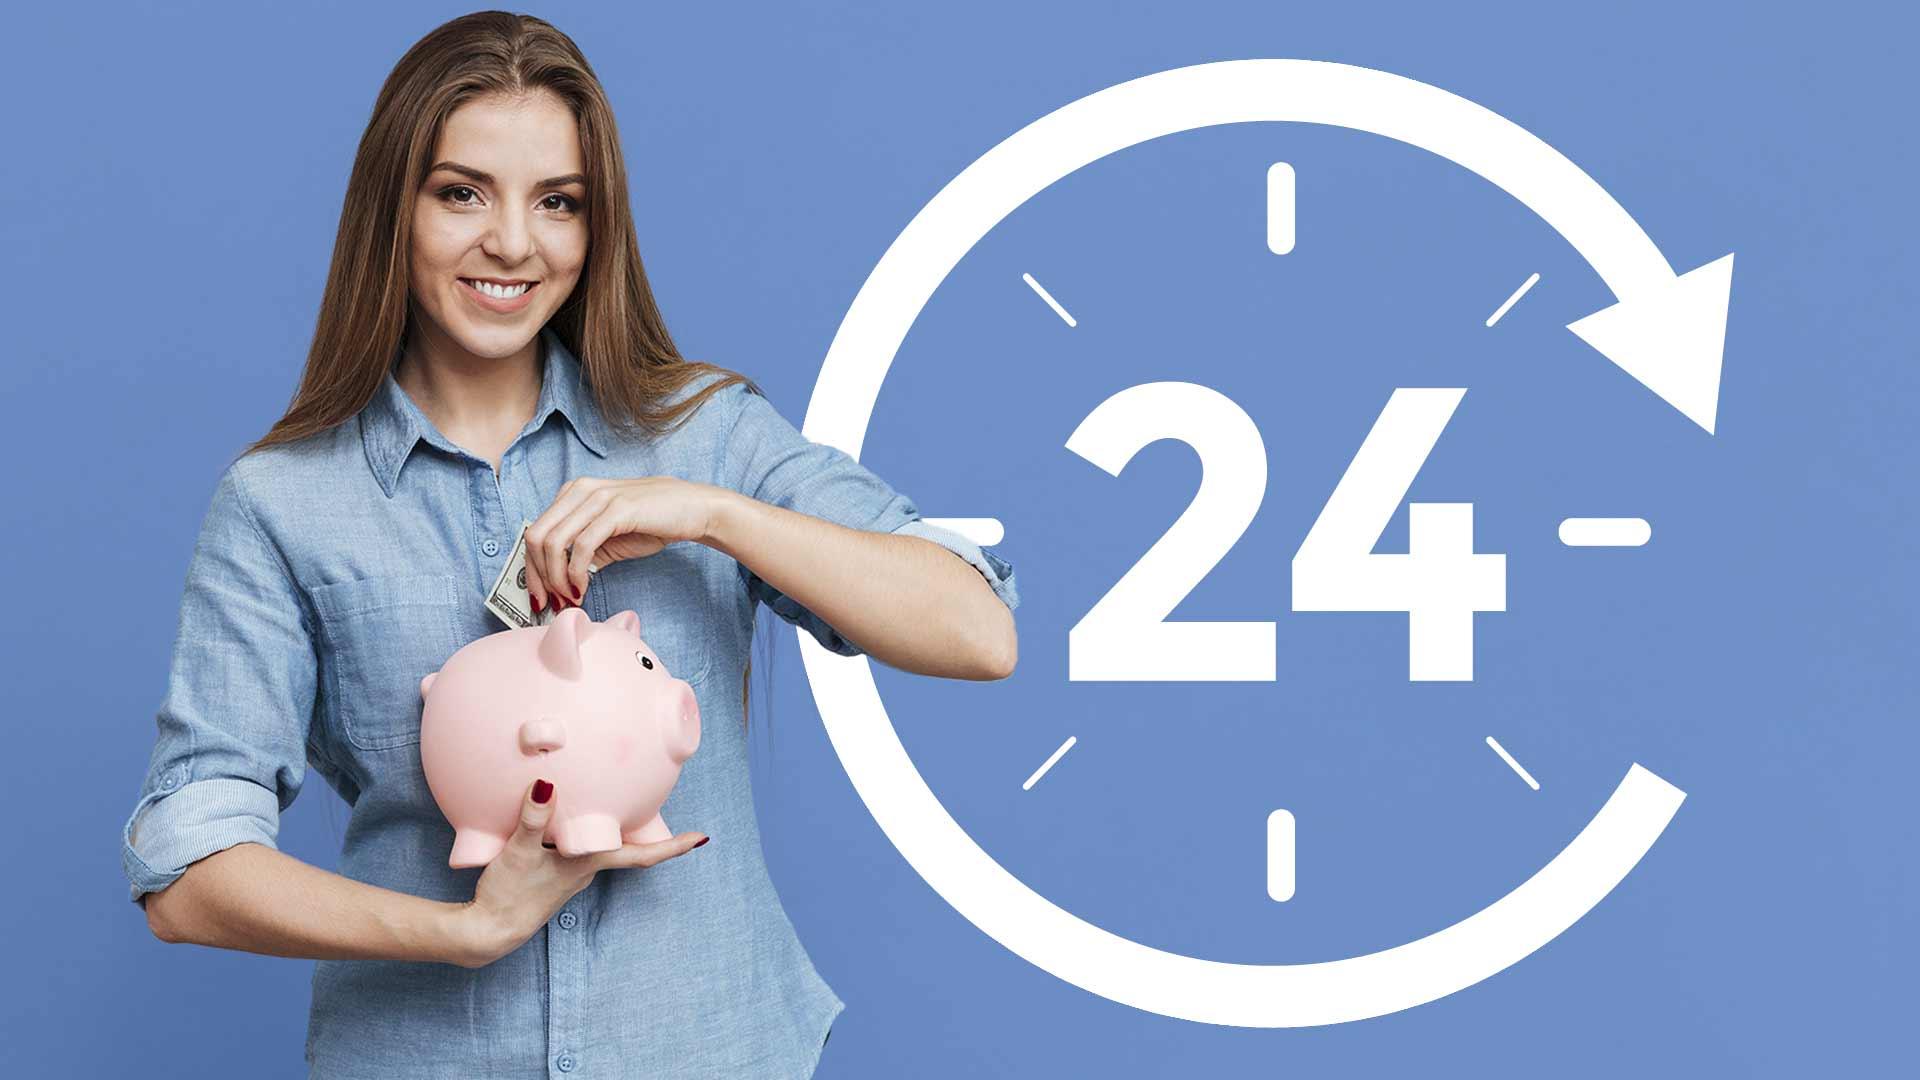 Peca-credito-na-NoVerde-e-tenha-dinheiro-na-conta-em-ate-24-horas.jpg